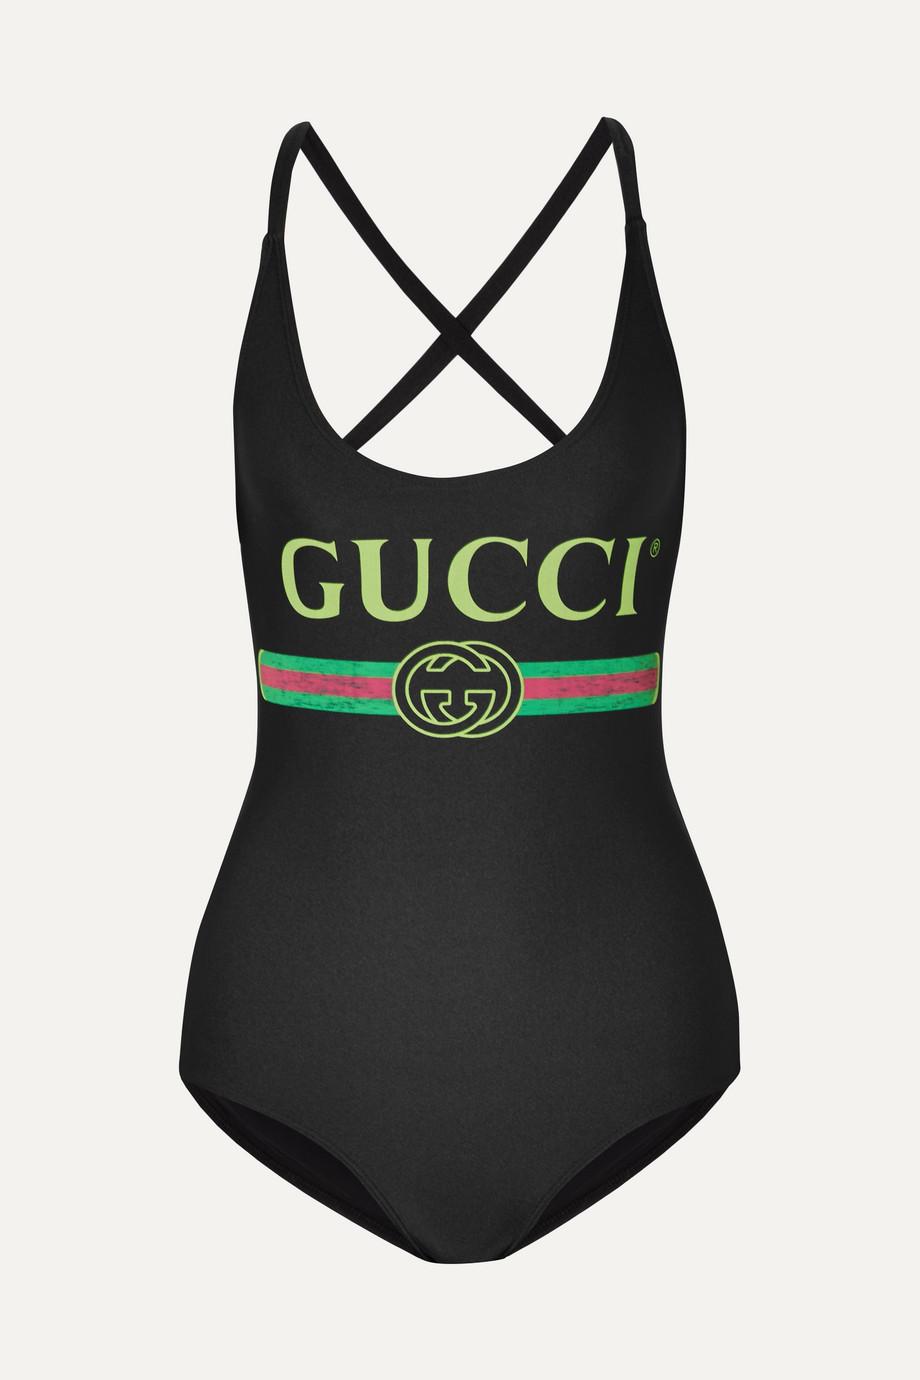 Gucci Body en tissu stretch imprimé